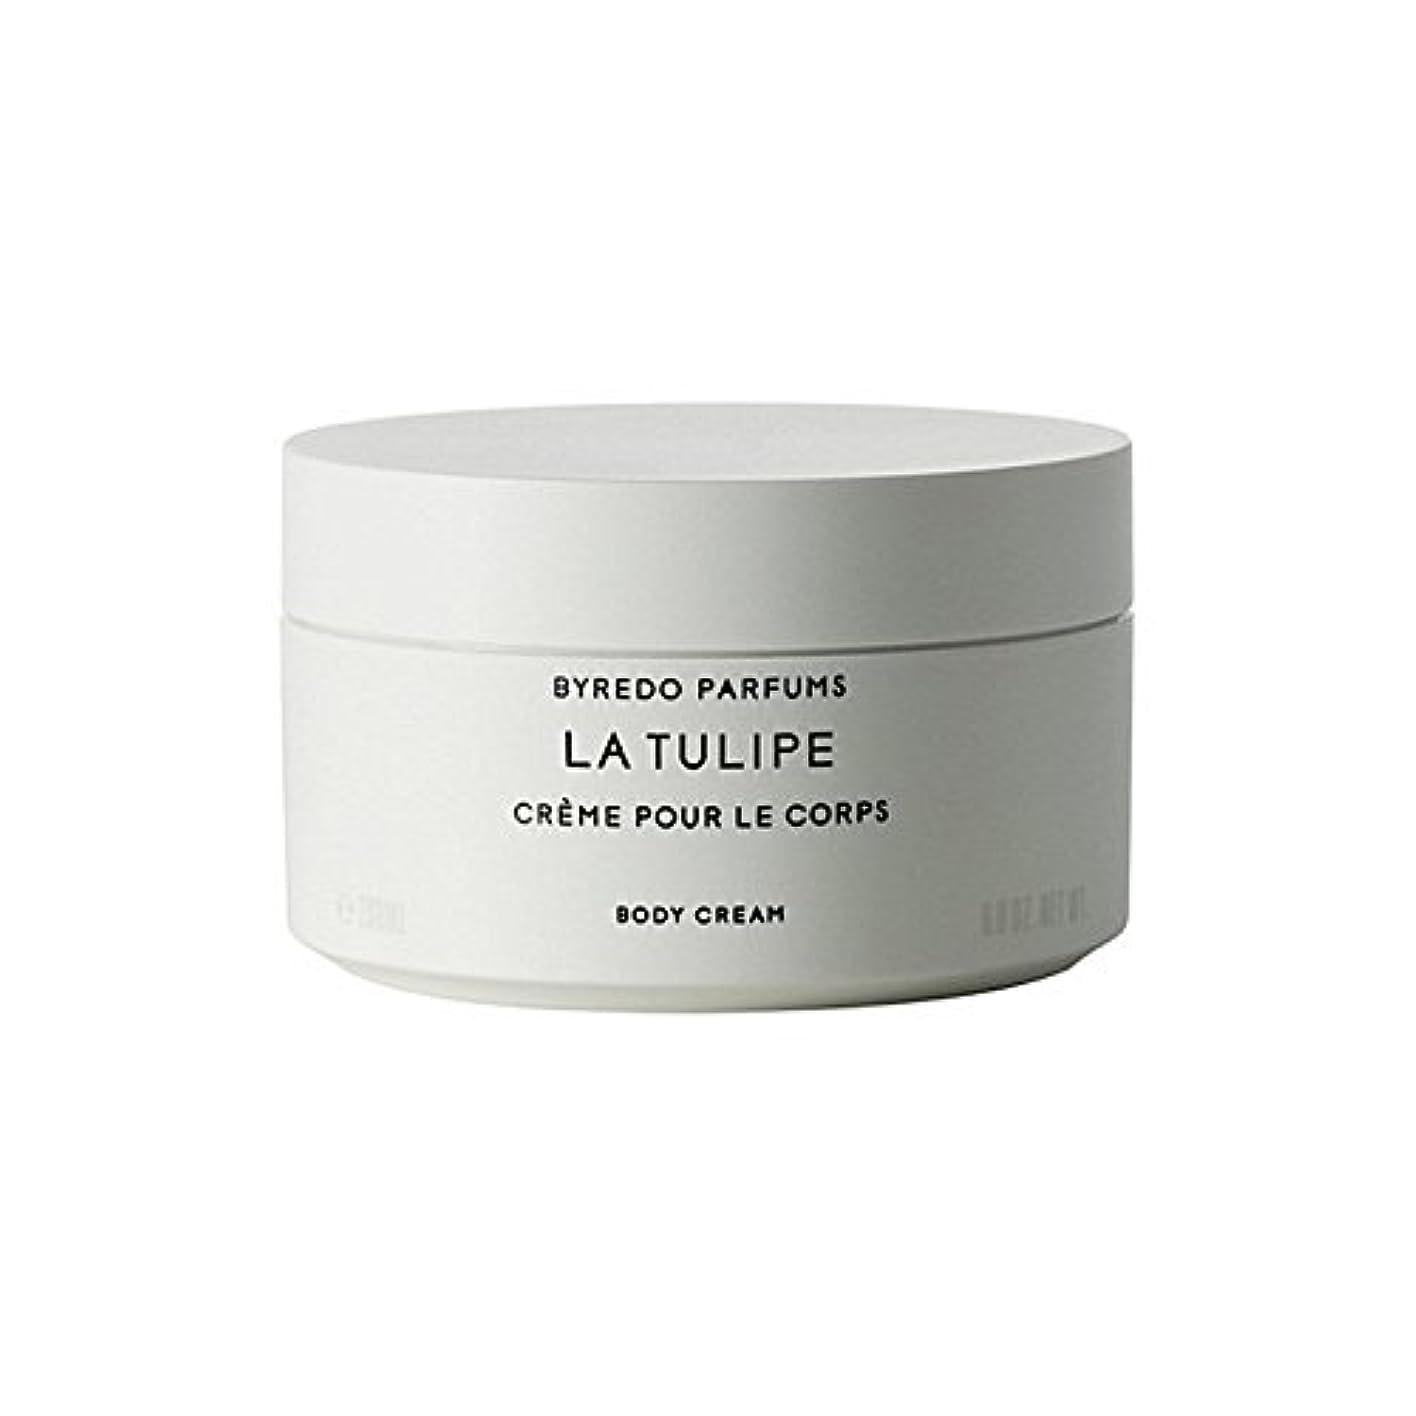 委任言い直す眠るByredo La Tulipe Body Cream 200ml (Pack of 6) - ラチューリップボディクリーム200ミリリットル x6 [並行輸入品]